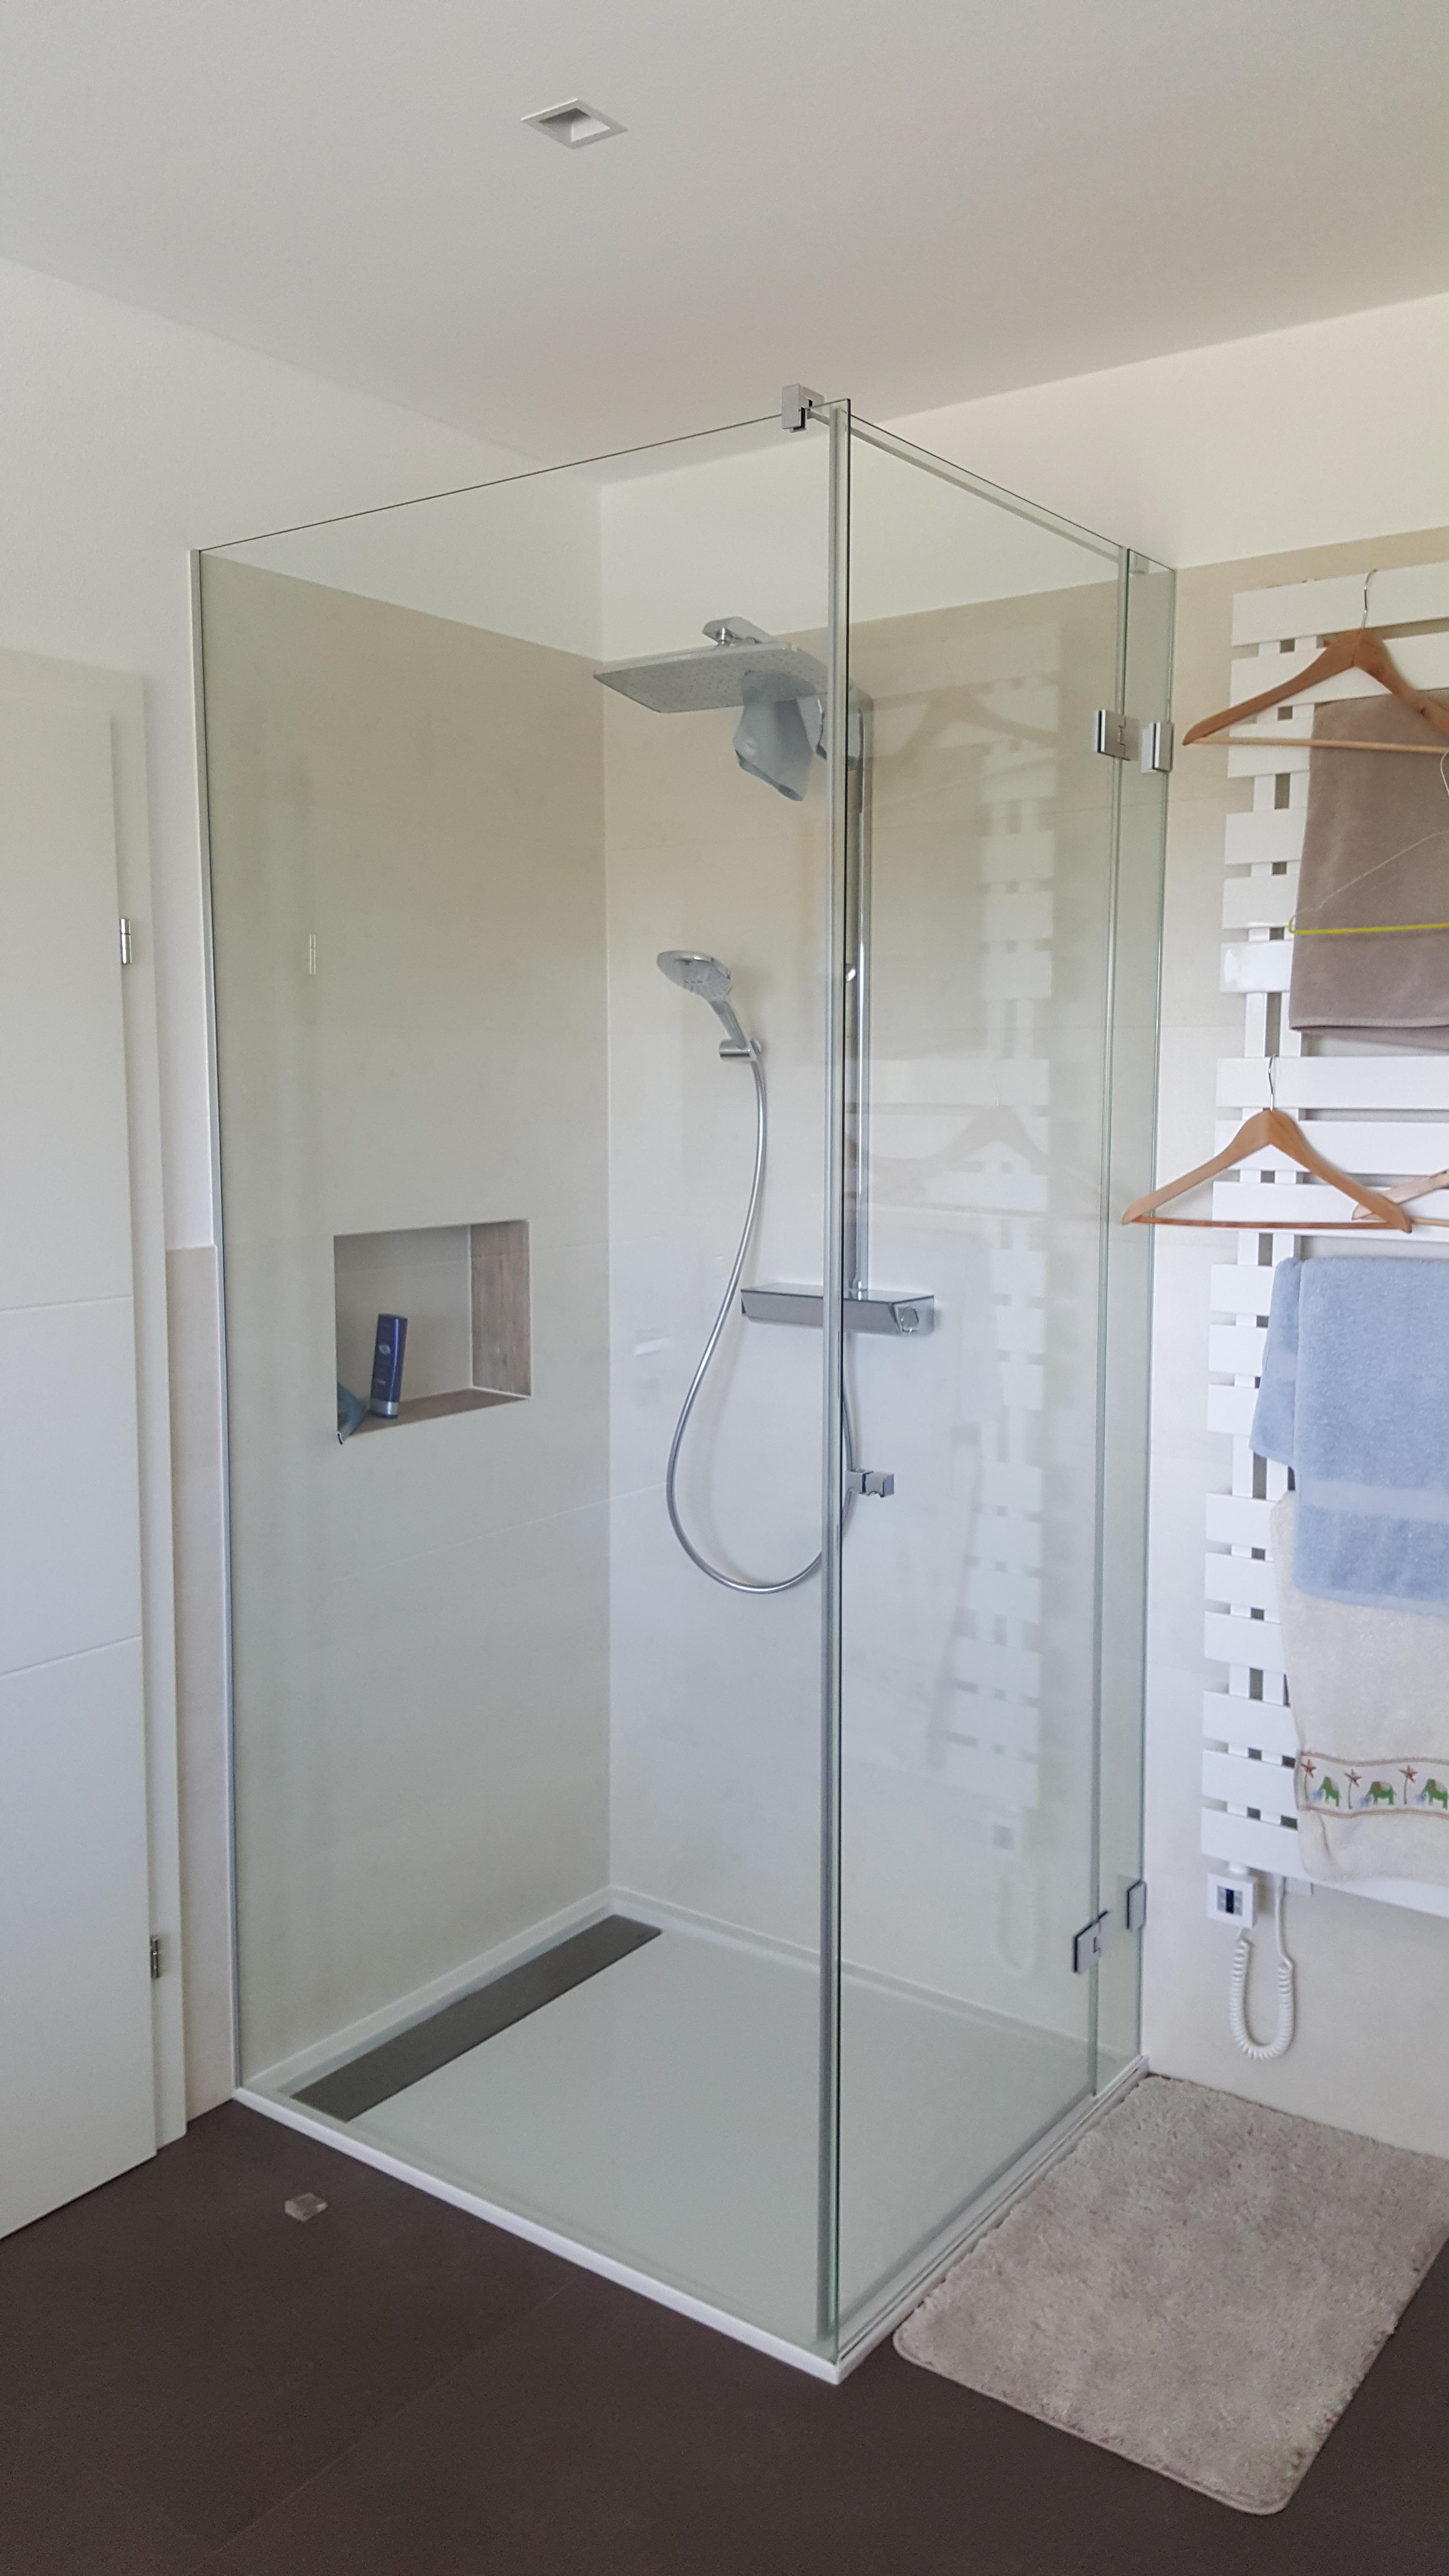 kunstglas und geblasenes glas herstellung grosshandel ihre suche ergab 131 treffer. Black Bedroom Furniture Sets. Home Design Ideas